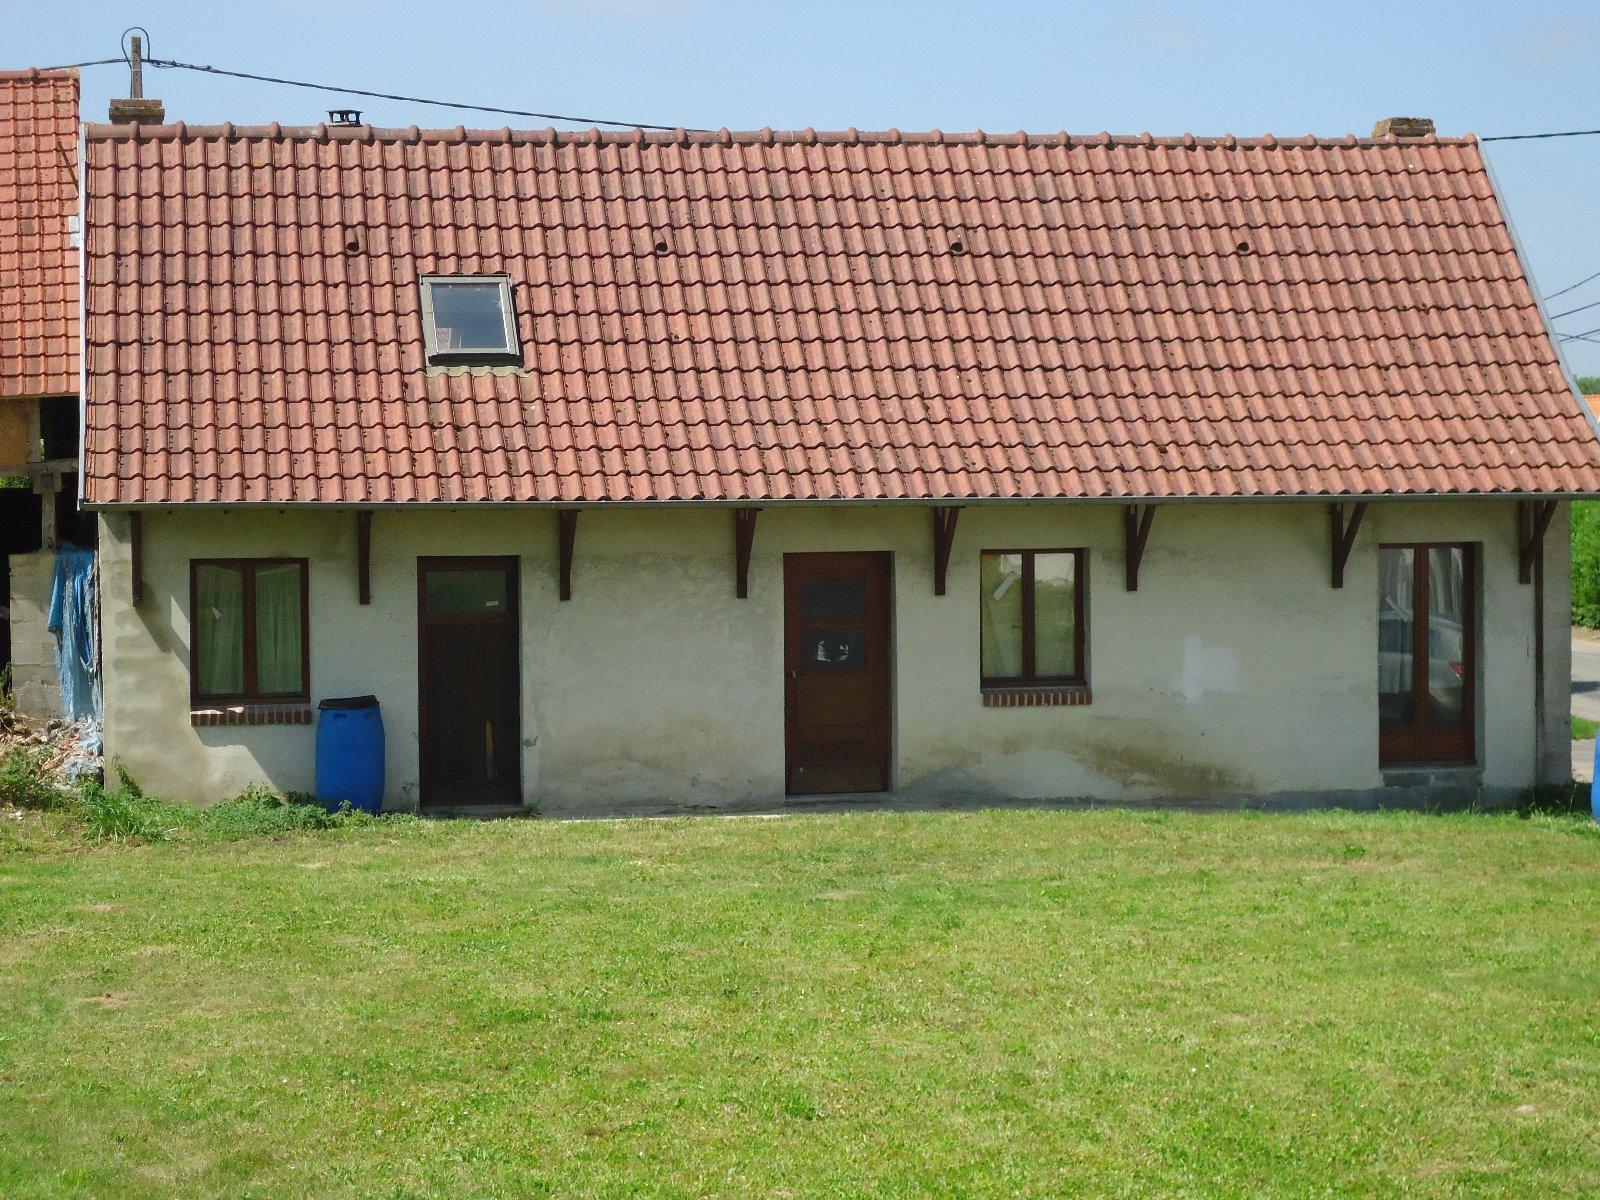 Vente maison/villa 1 pièces fleury 62134